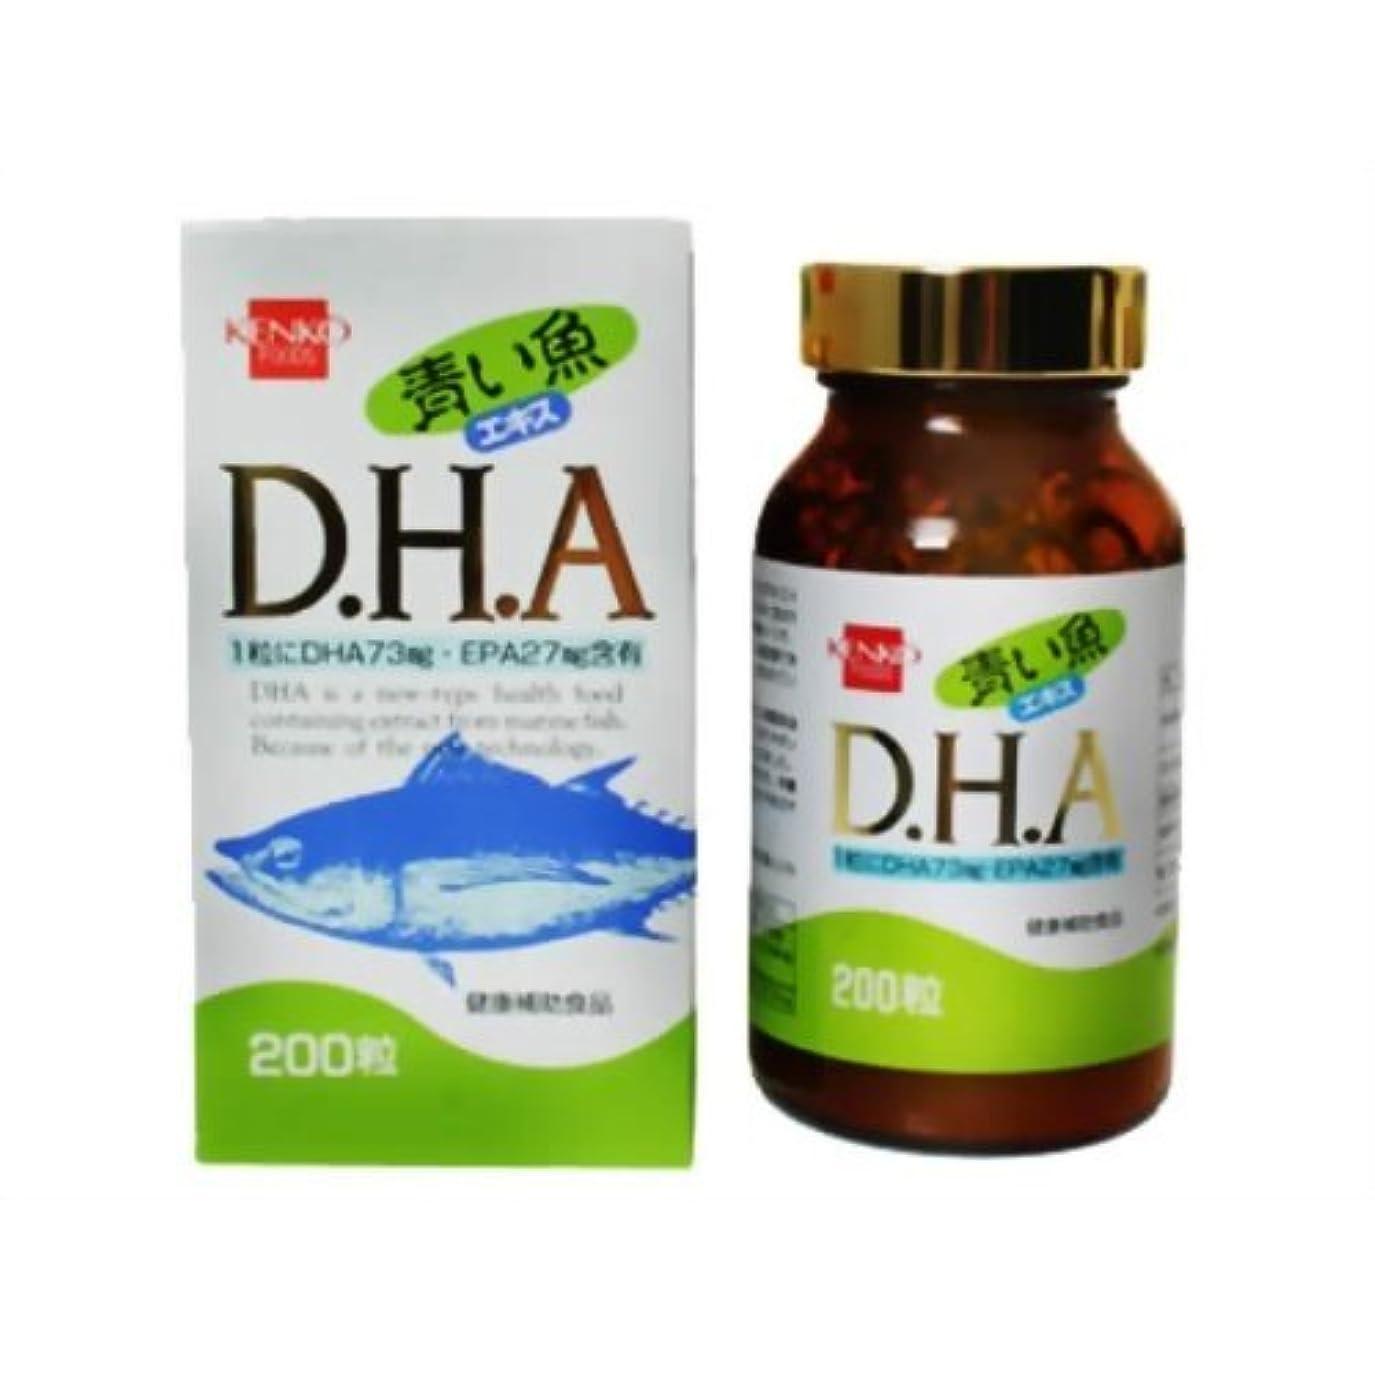 バンジージャンプブラウス要求する健康フーズ 青い魚エキス DHA 200粒